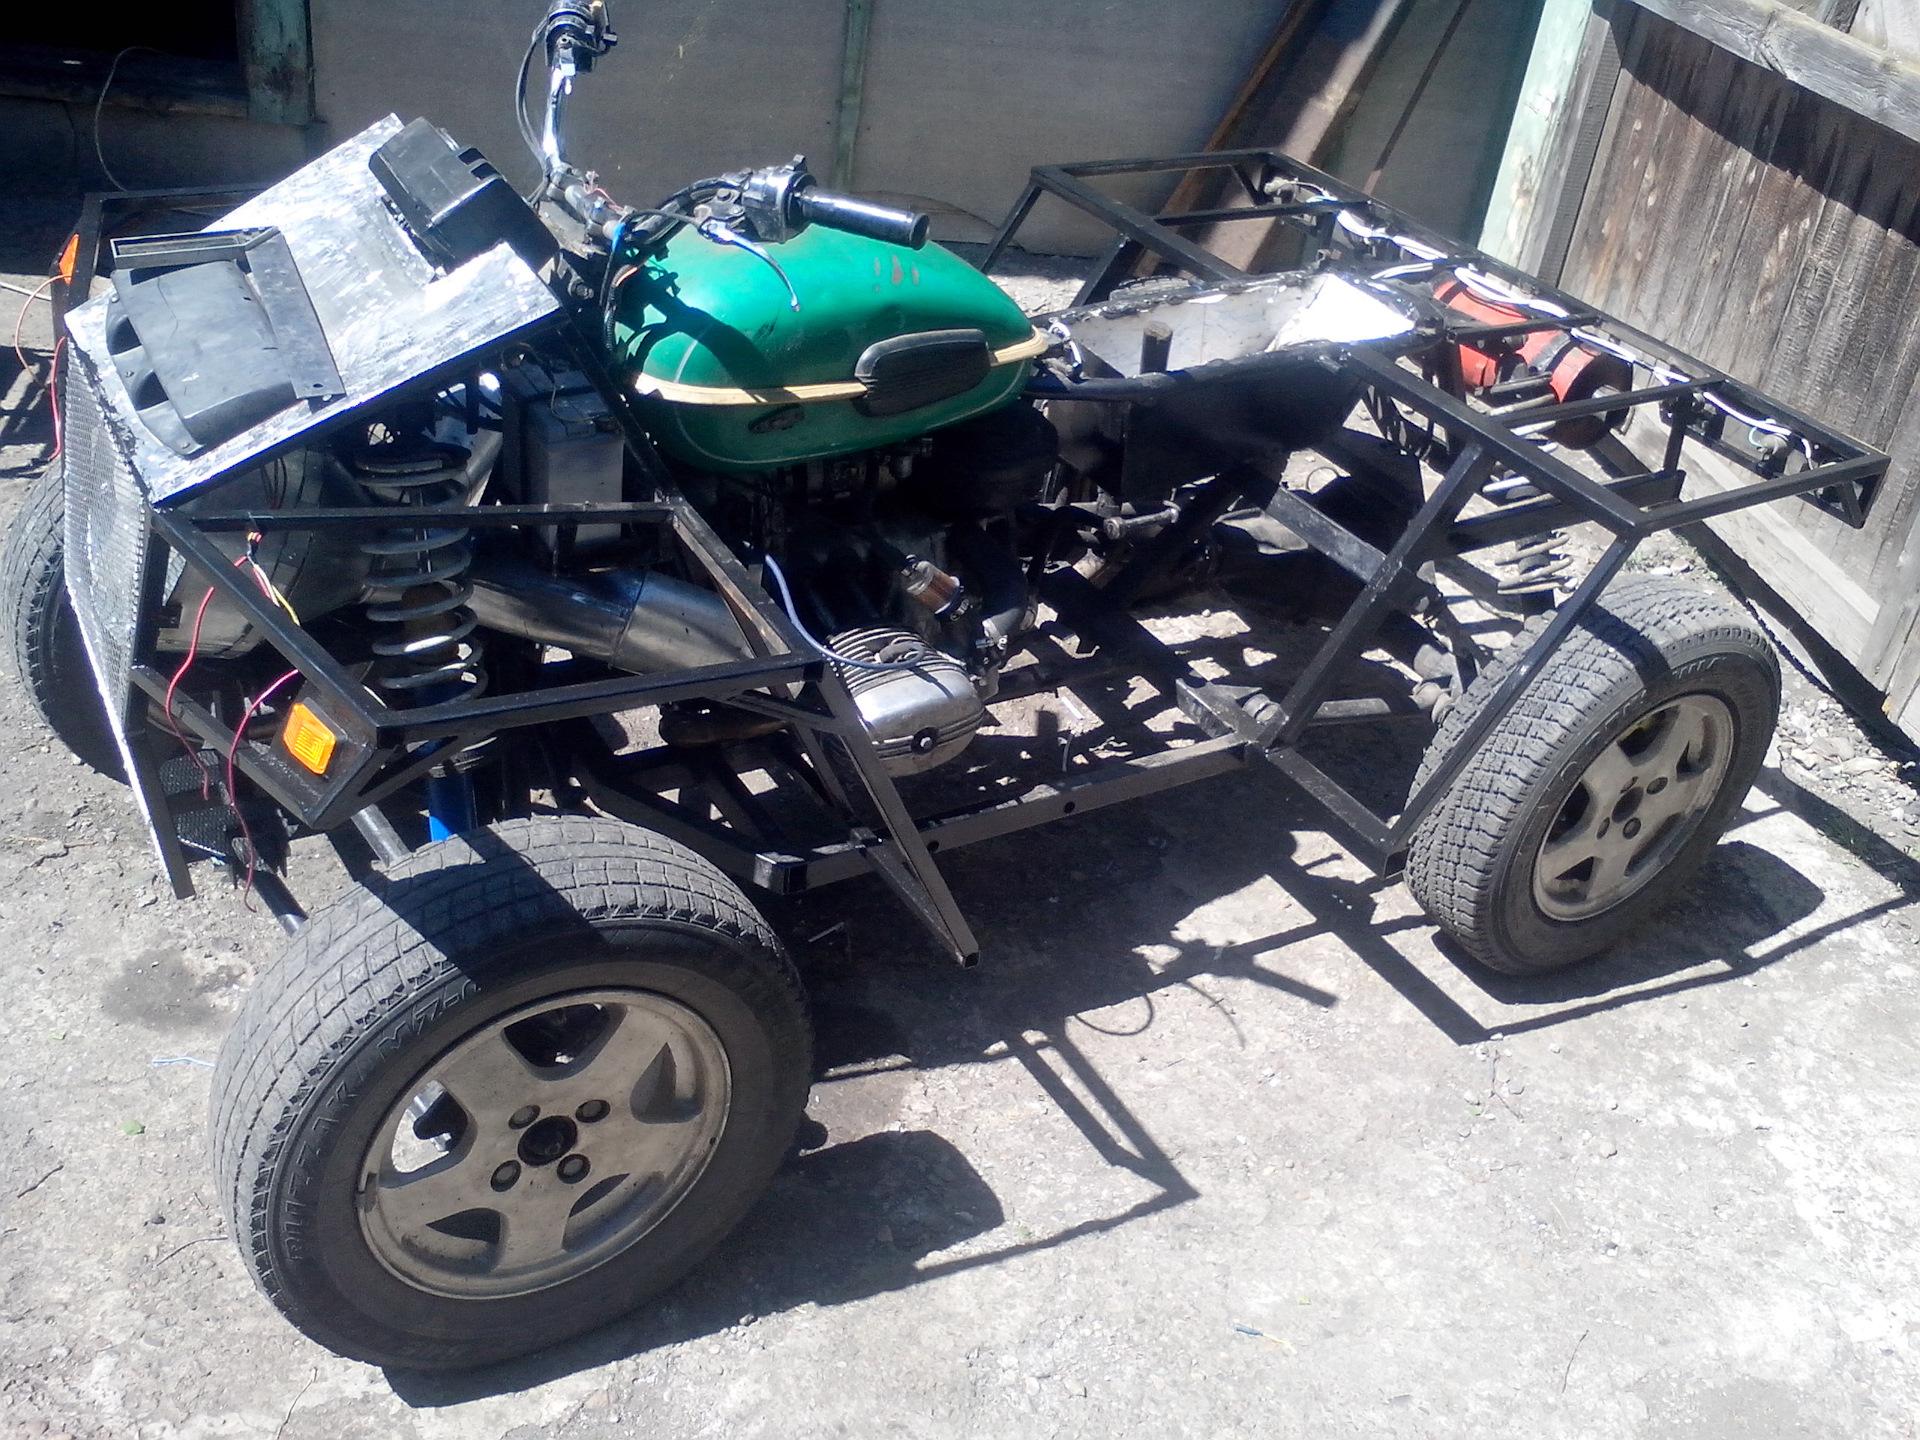 фото переделанный мотоцикл урал под квадроцикл принимает приглашение